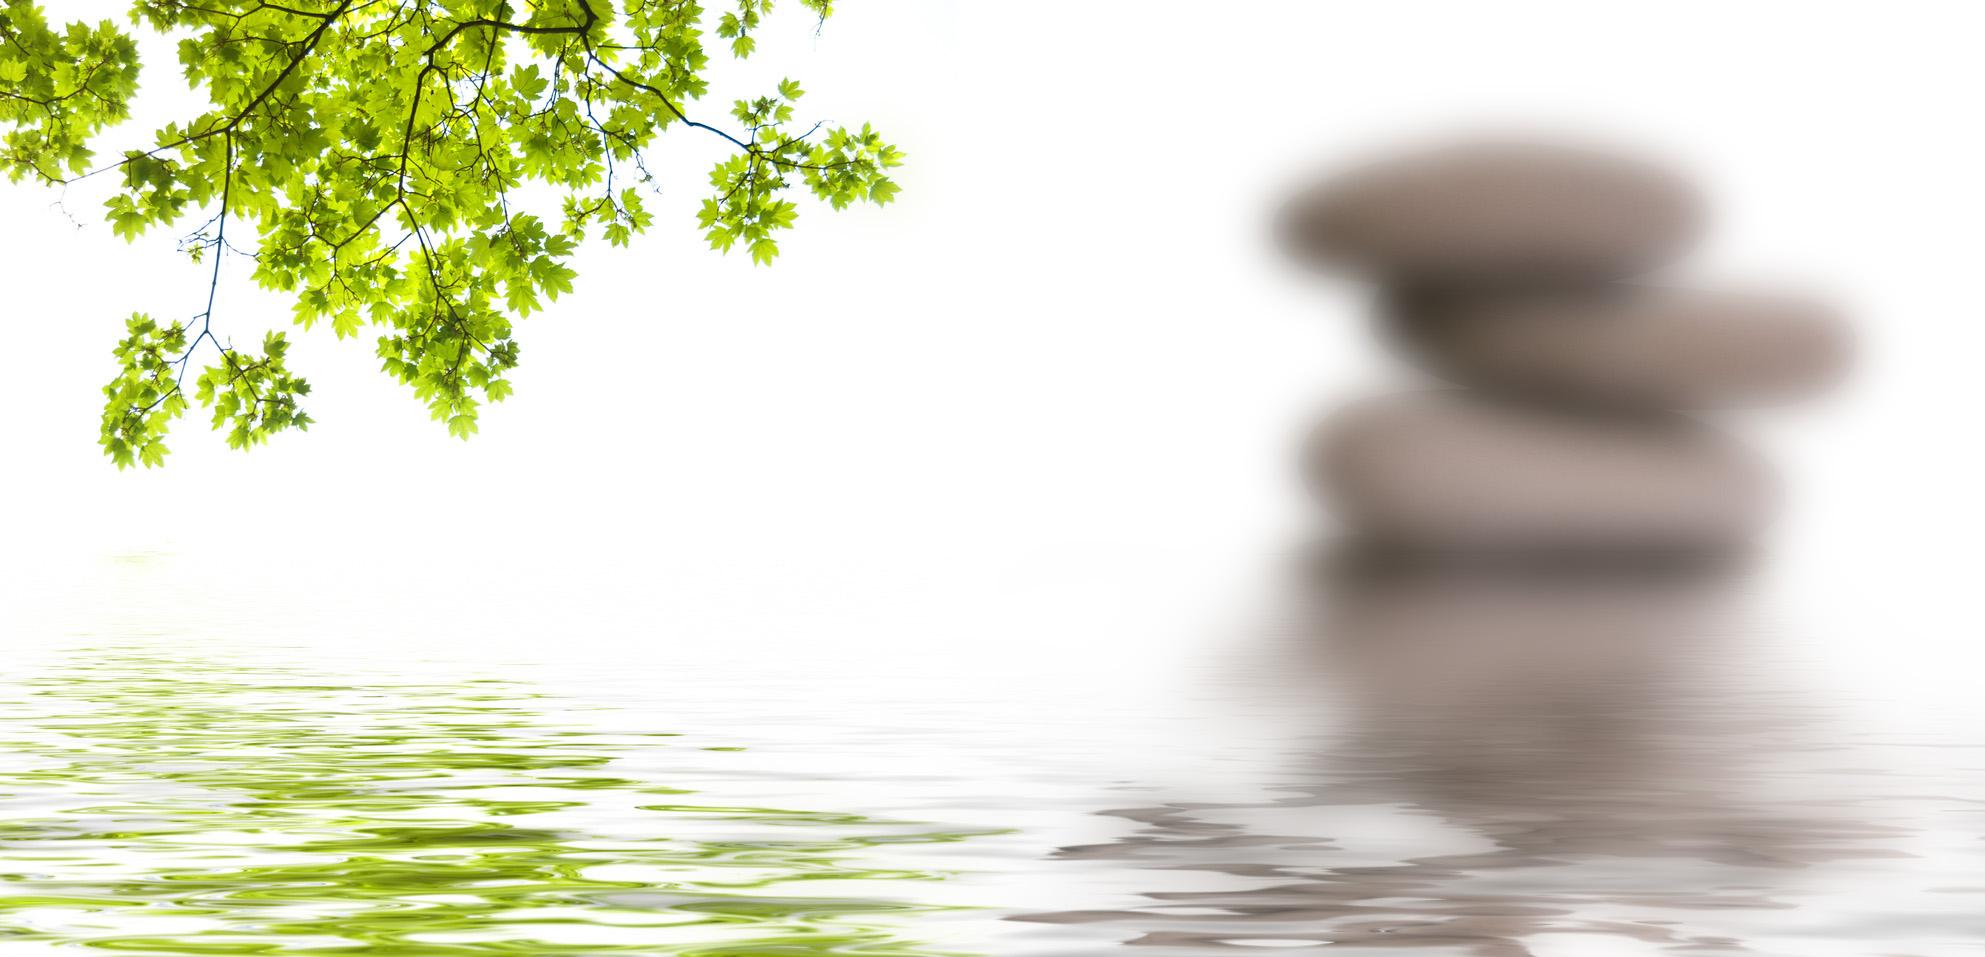 bannire zen, galets et feuilles d'rable